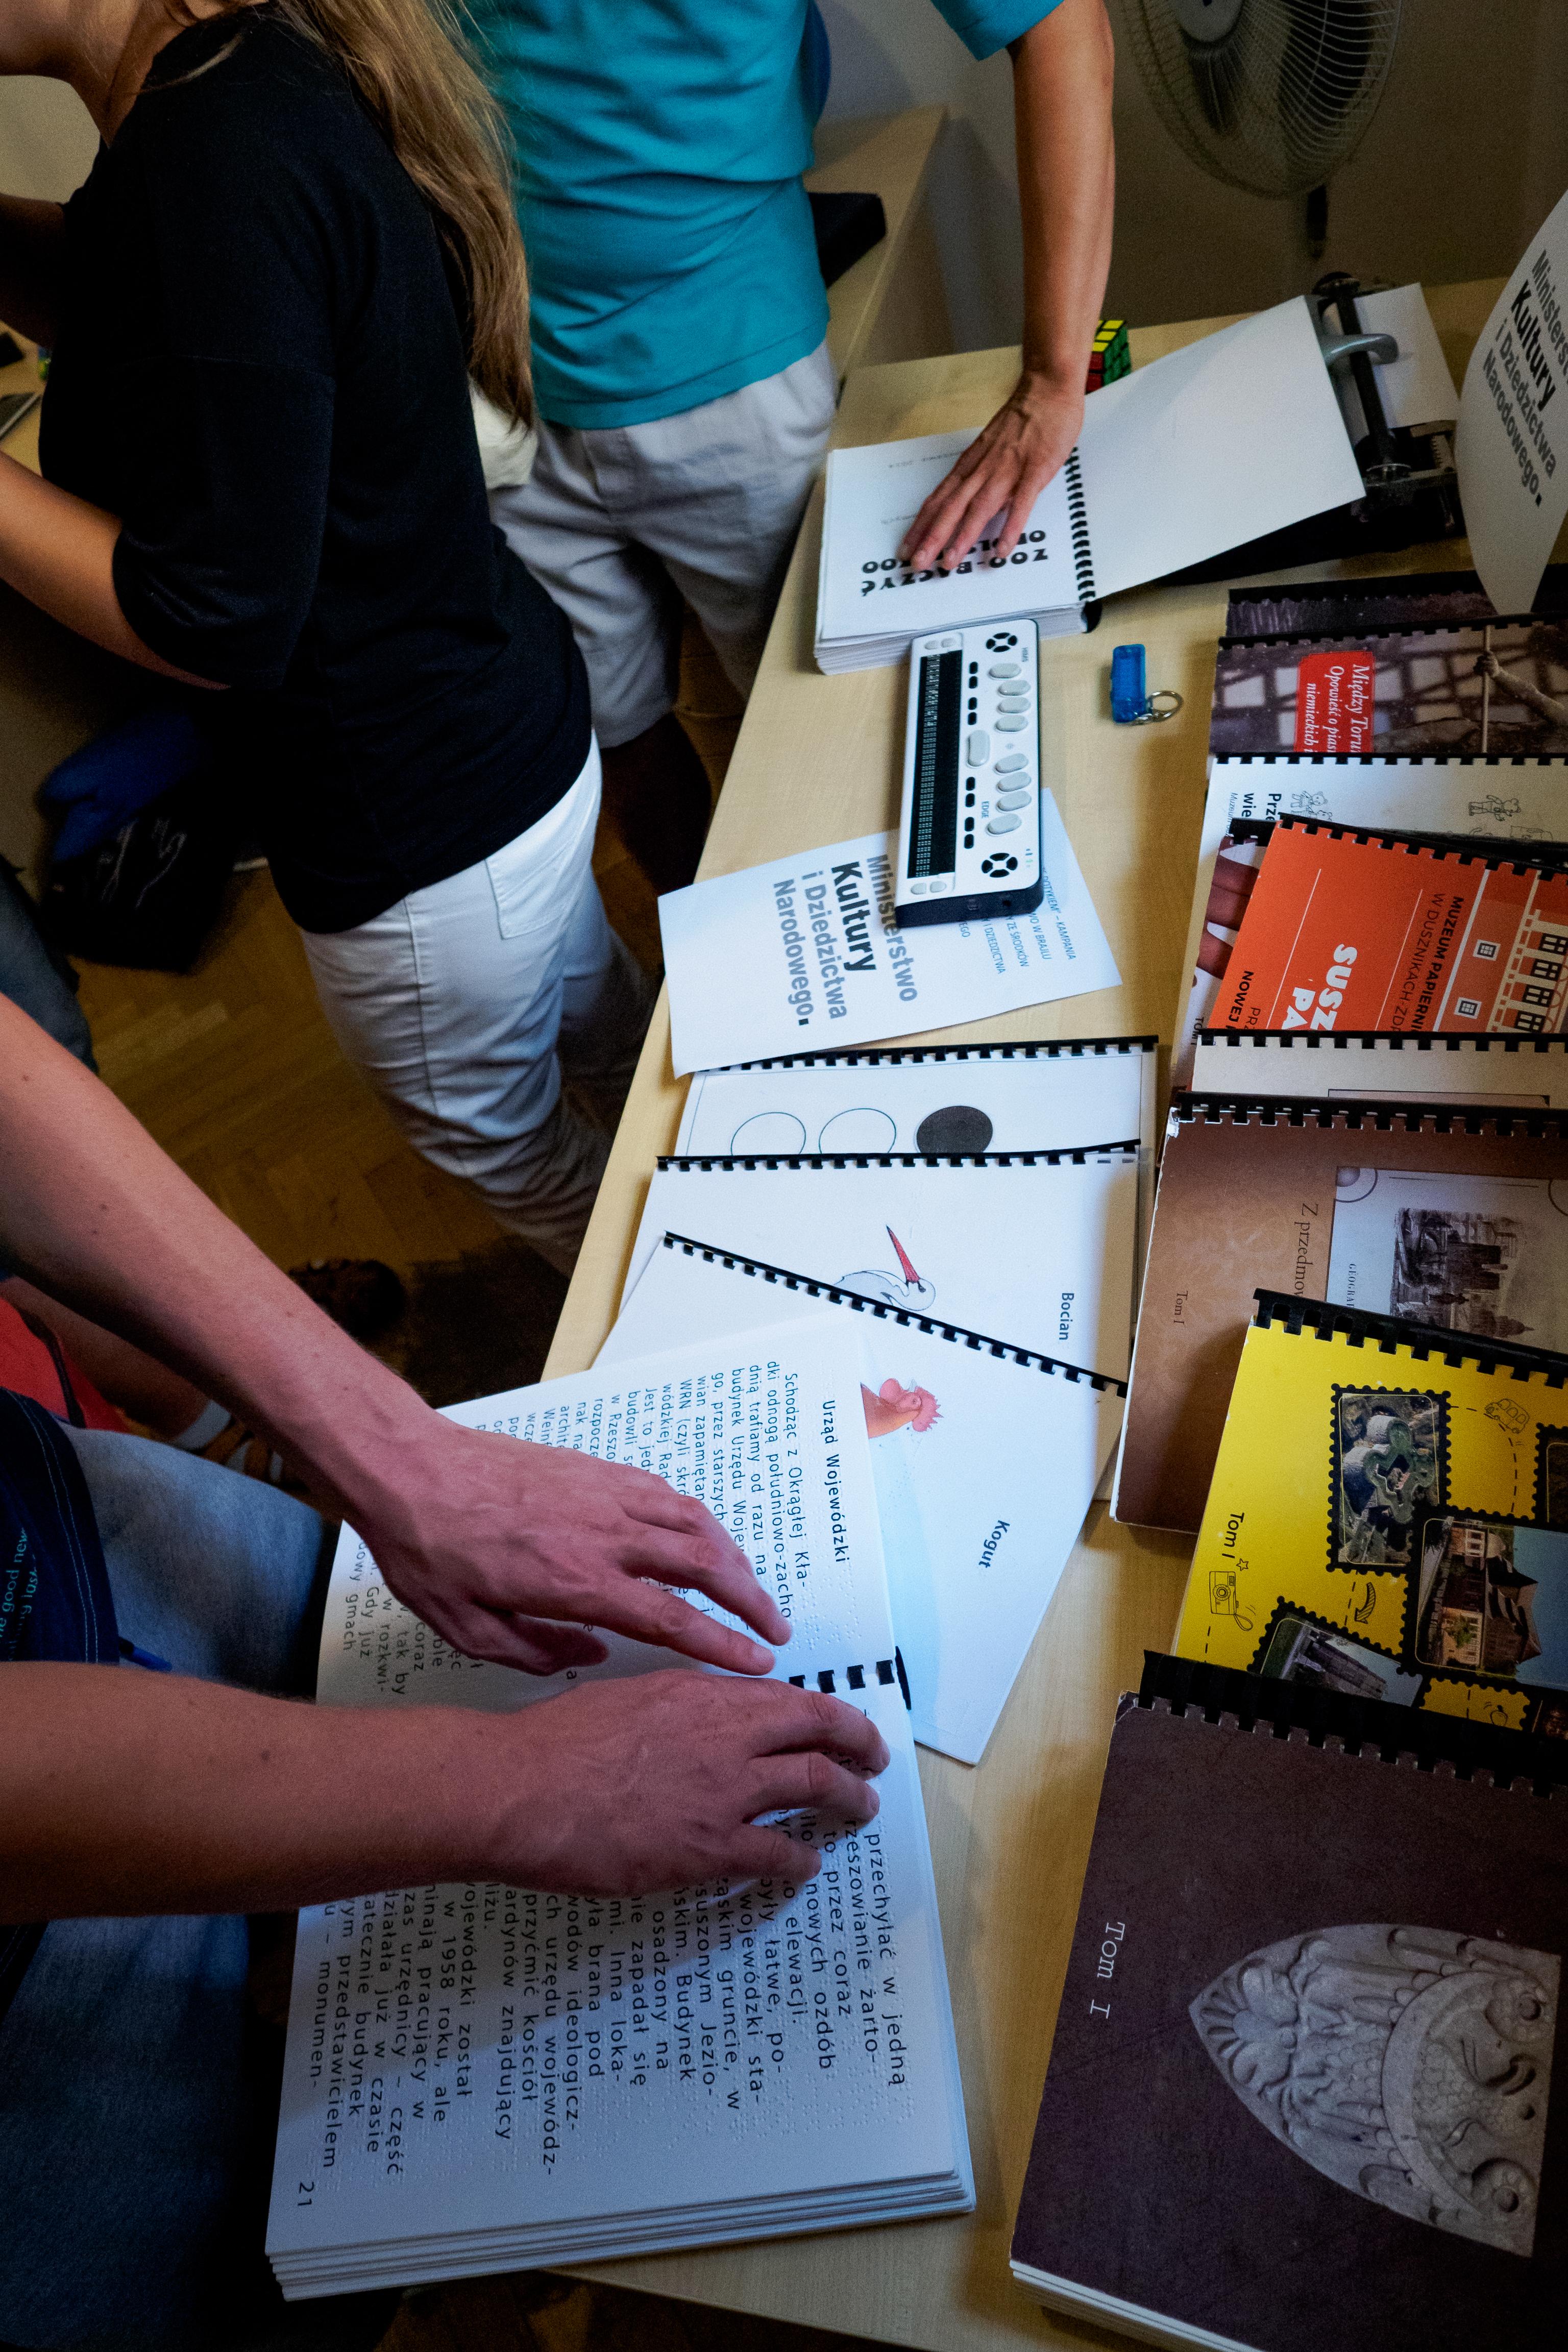 Dłonie dotykające brajlowskie publikacje.